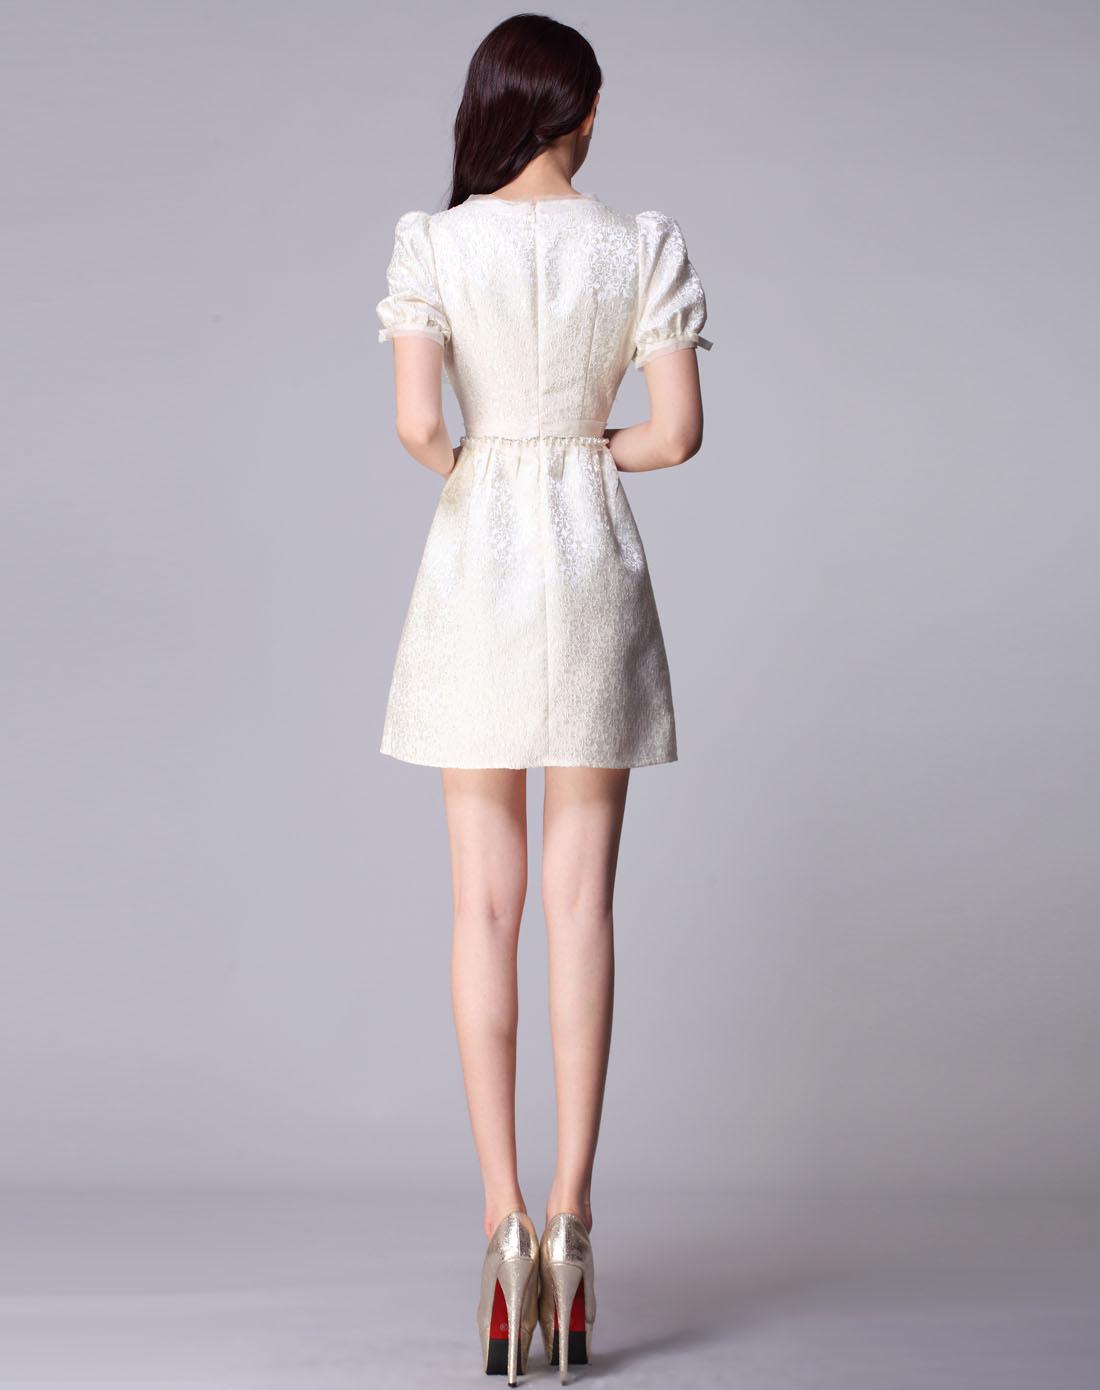 轻熟女装_zimmur女装专场-米色短袖轻熟女优雅连衣群